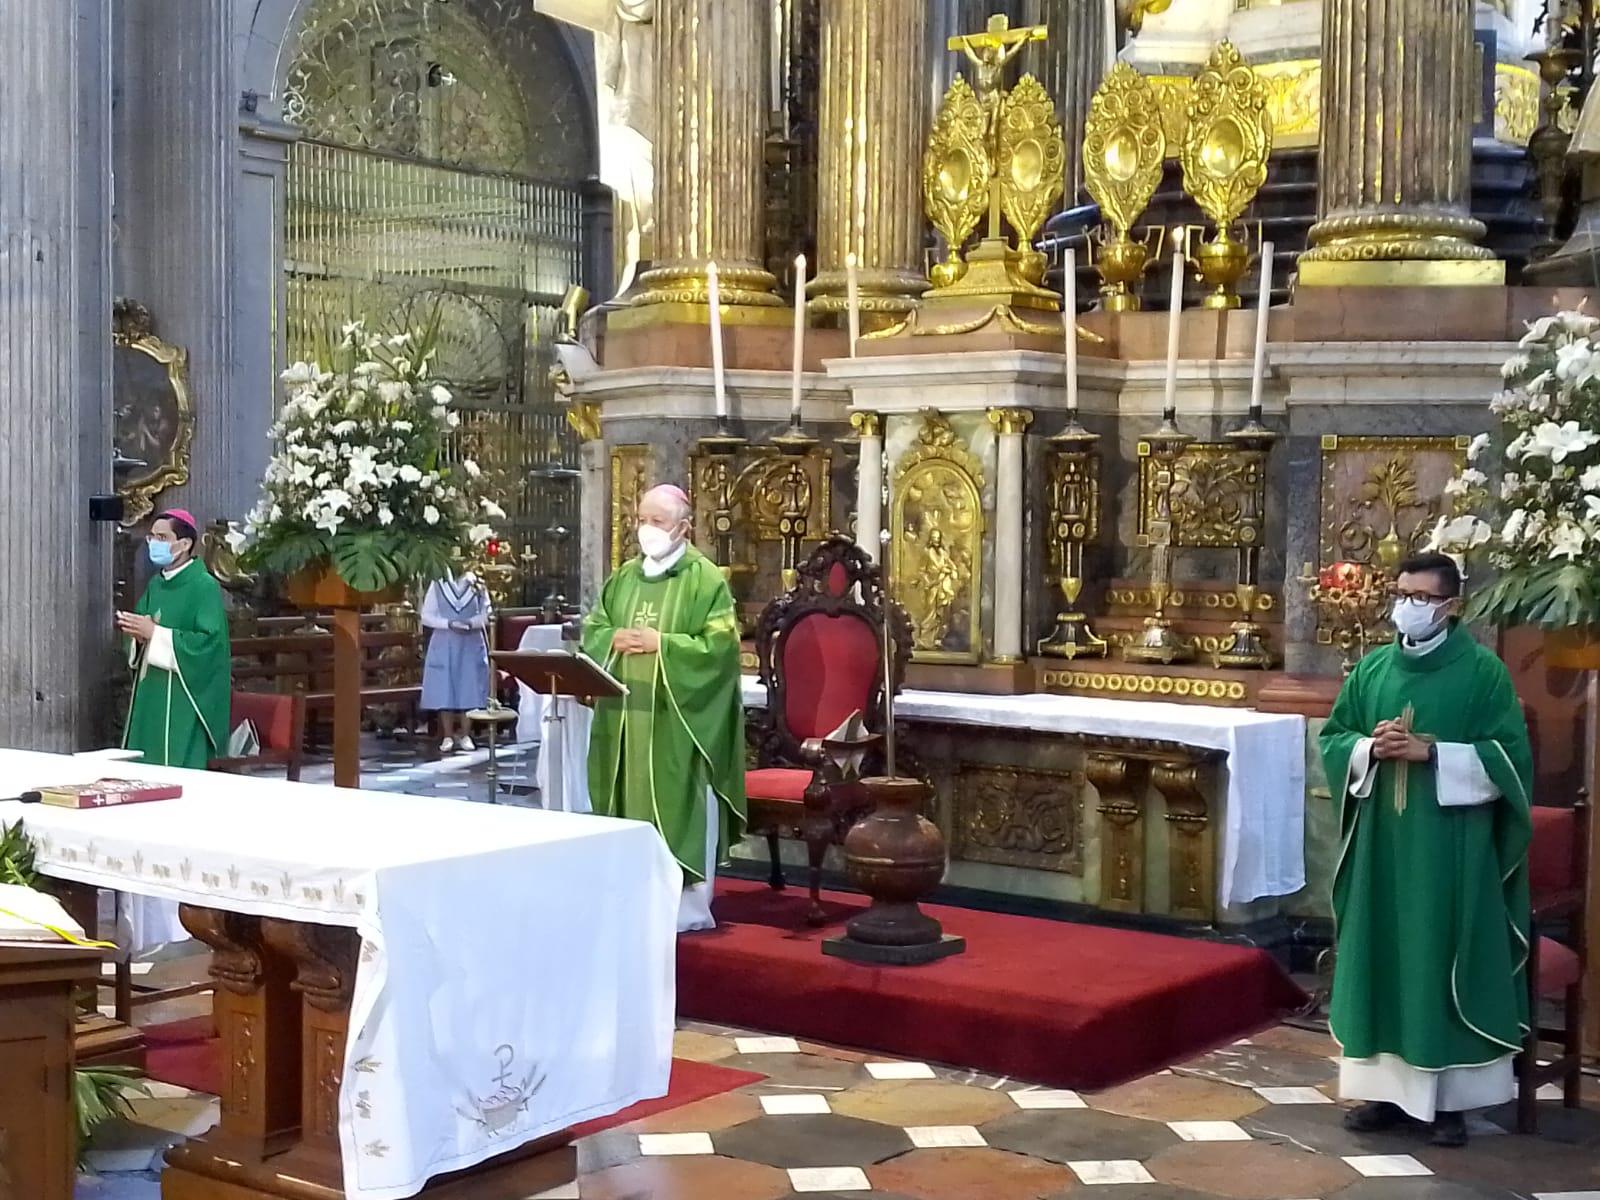 Reforzar medidas de higiene por regreso a clases, pide arzobispo